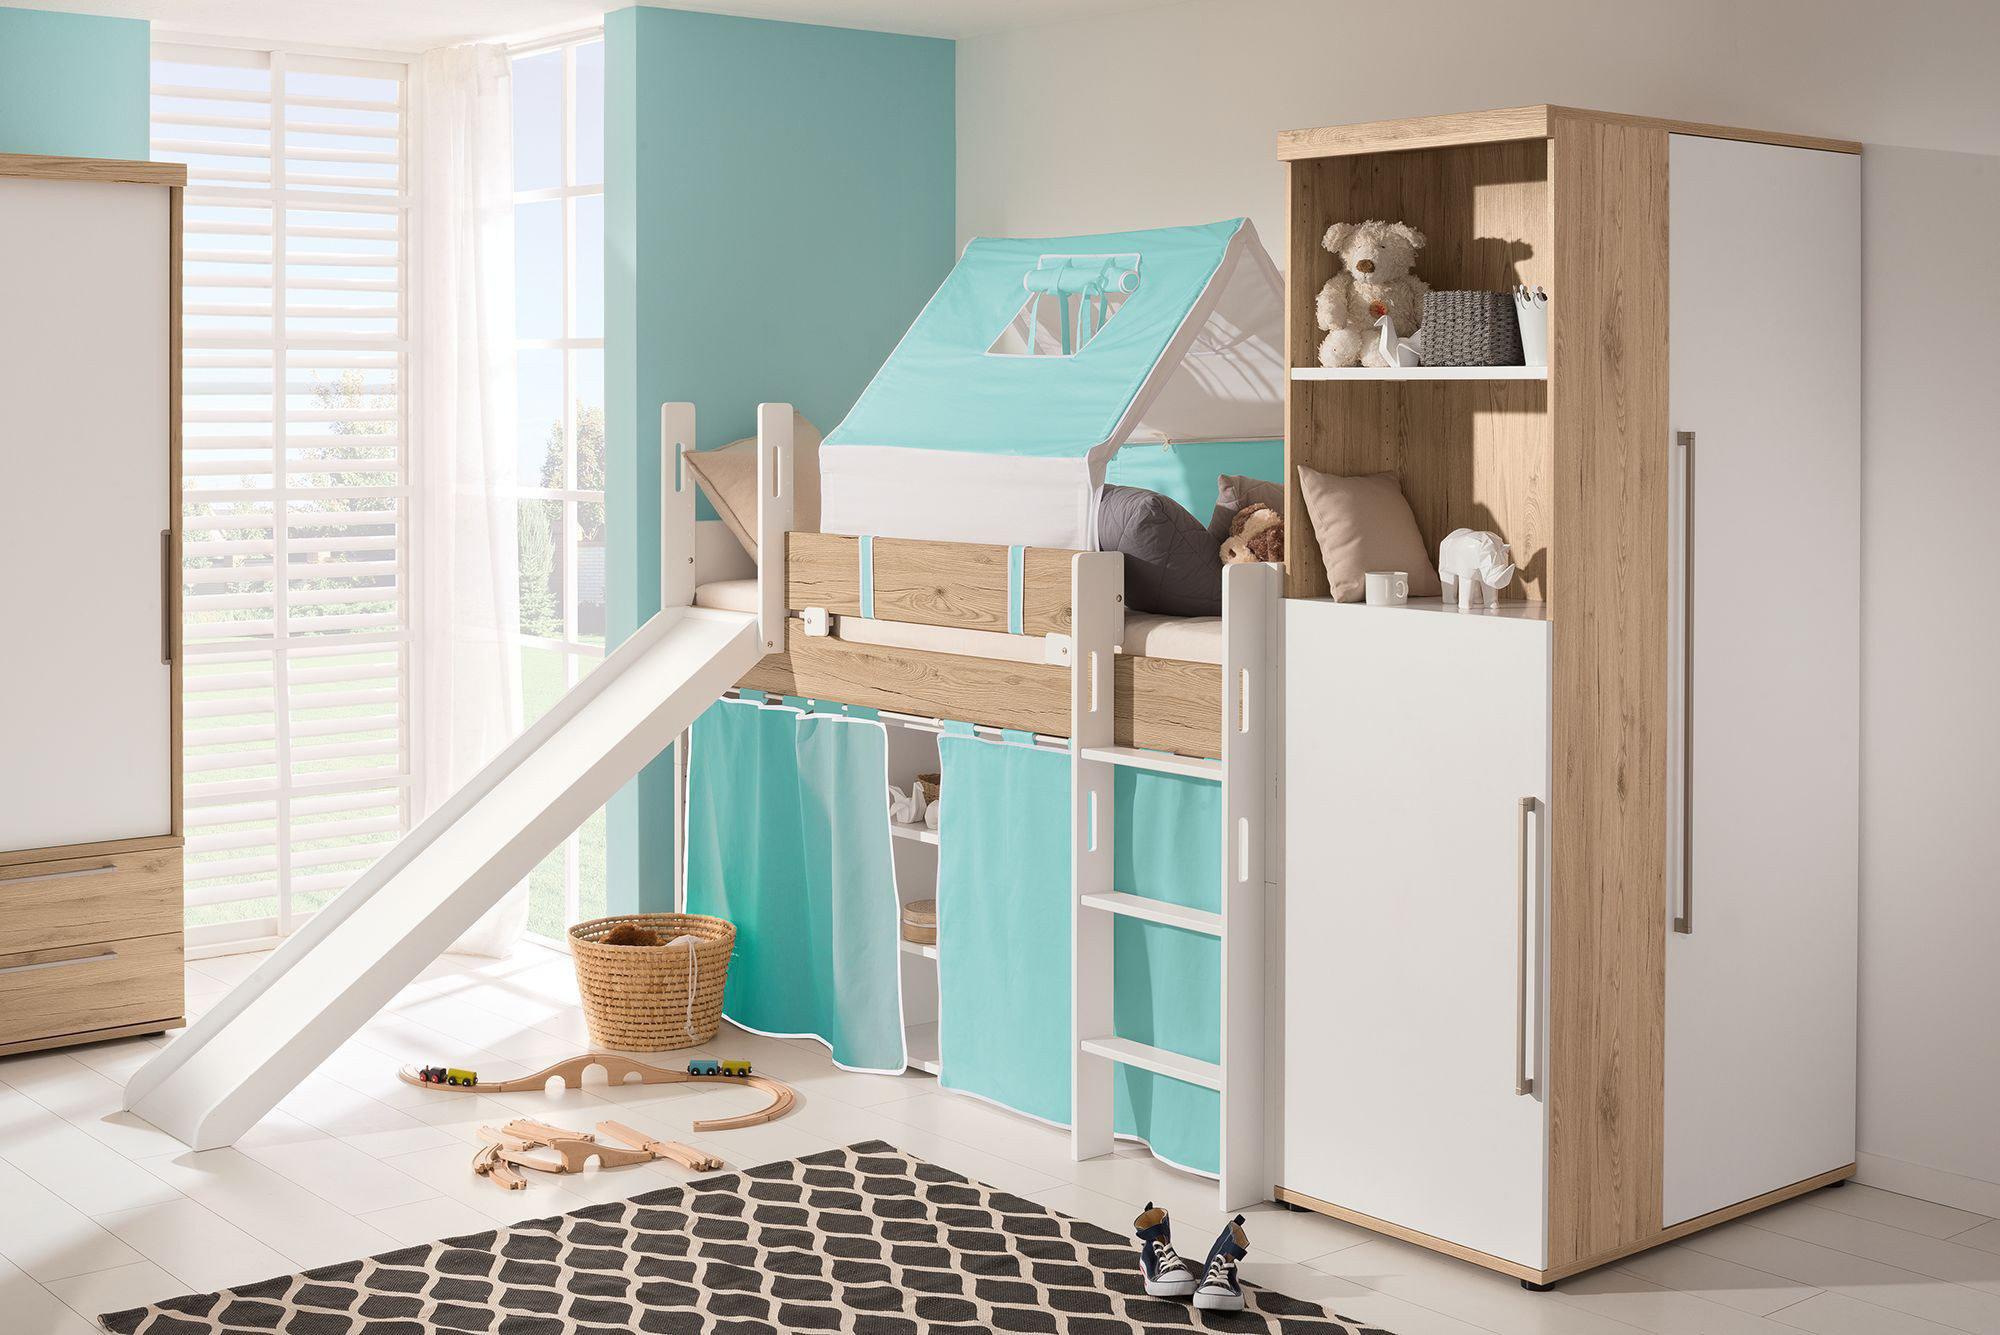 letti gioco bambini camerette bambini padova. Black Bedroom Furniture Sets. Home Design Ideas